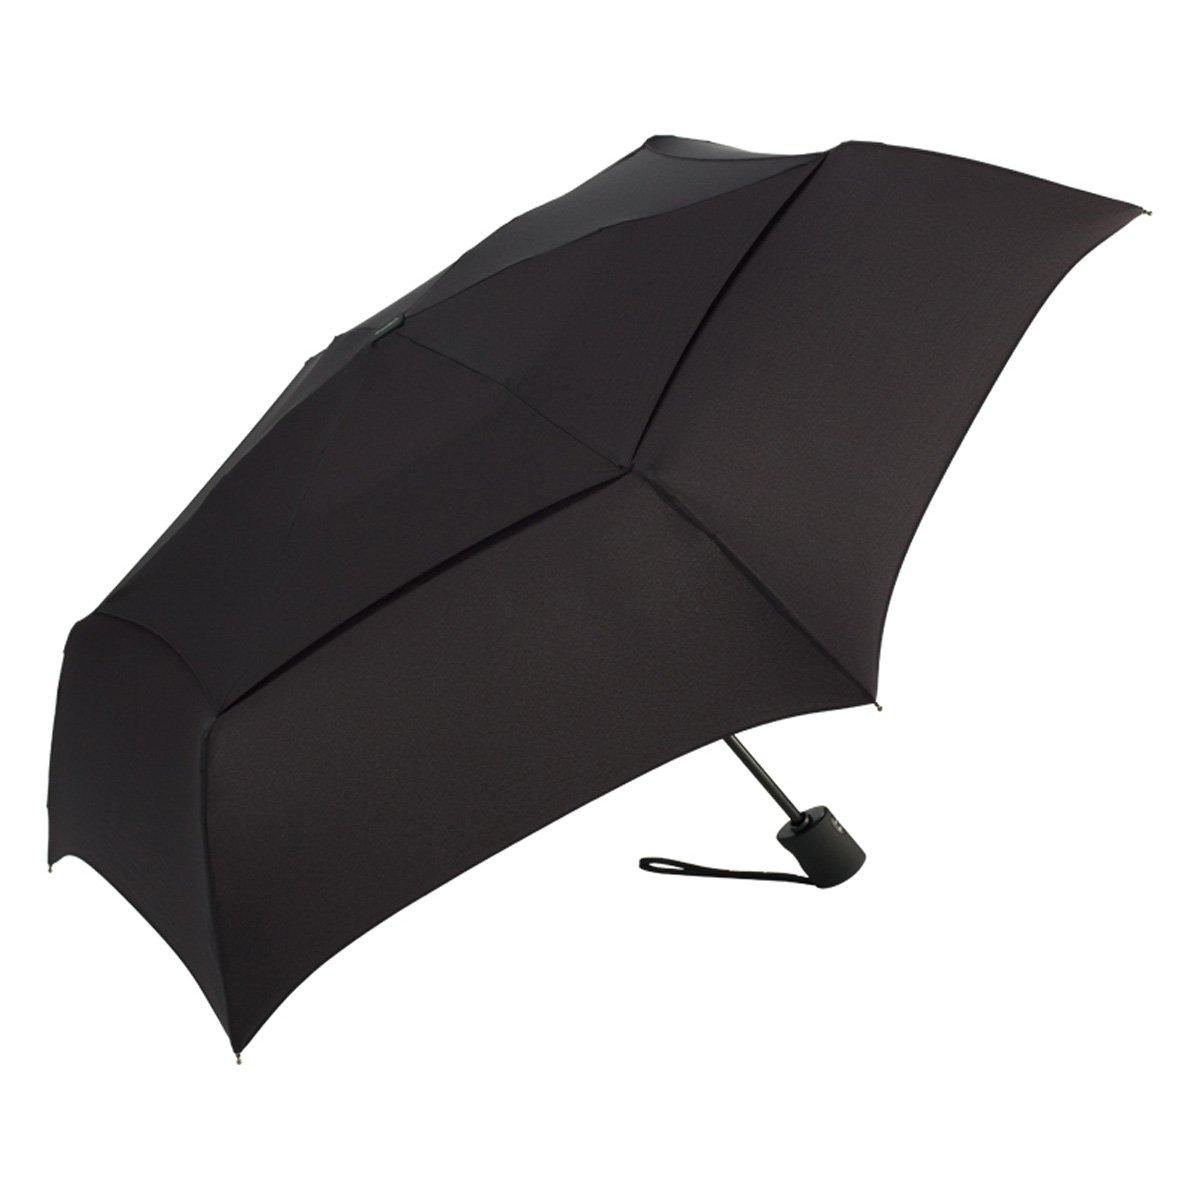 ShedRain Umbrellas Luggage Windpro Flatwear Vented Auto Open and Close Umbrella, Black, One Size